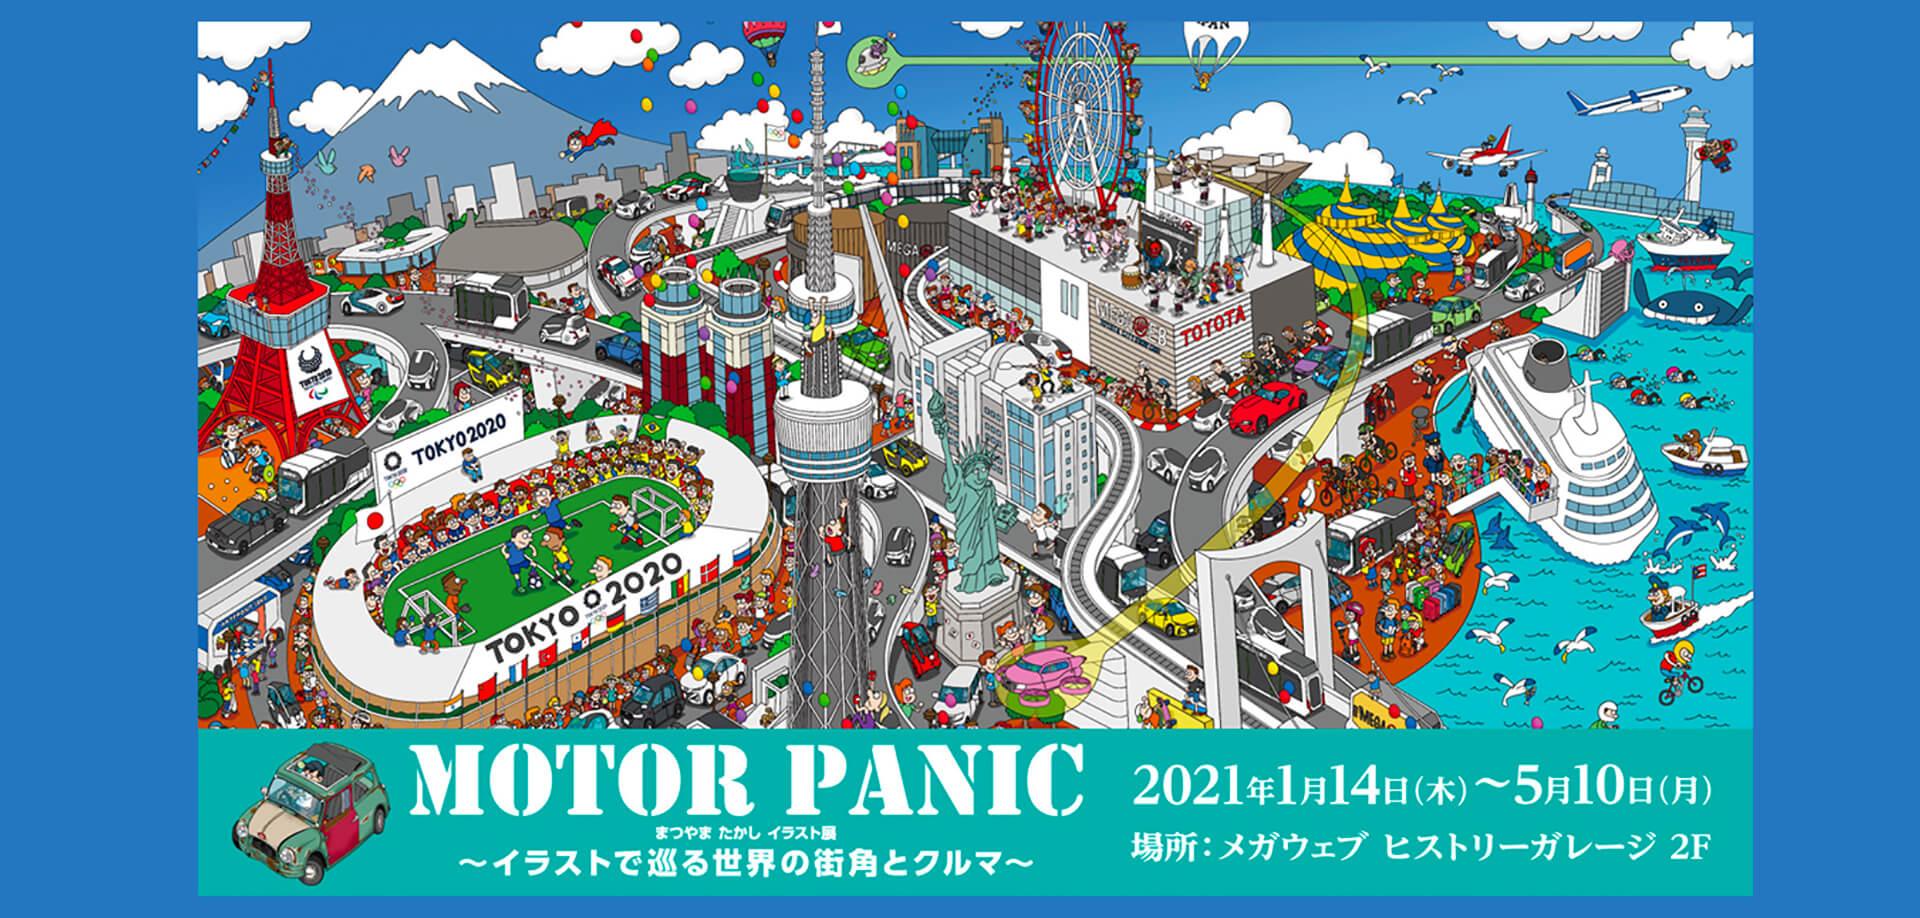 MOTOR PANIC まつやまたかしイラスト展 ~イラストで巡る世界の街角とクルマ~